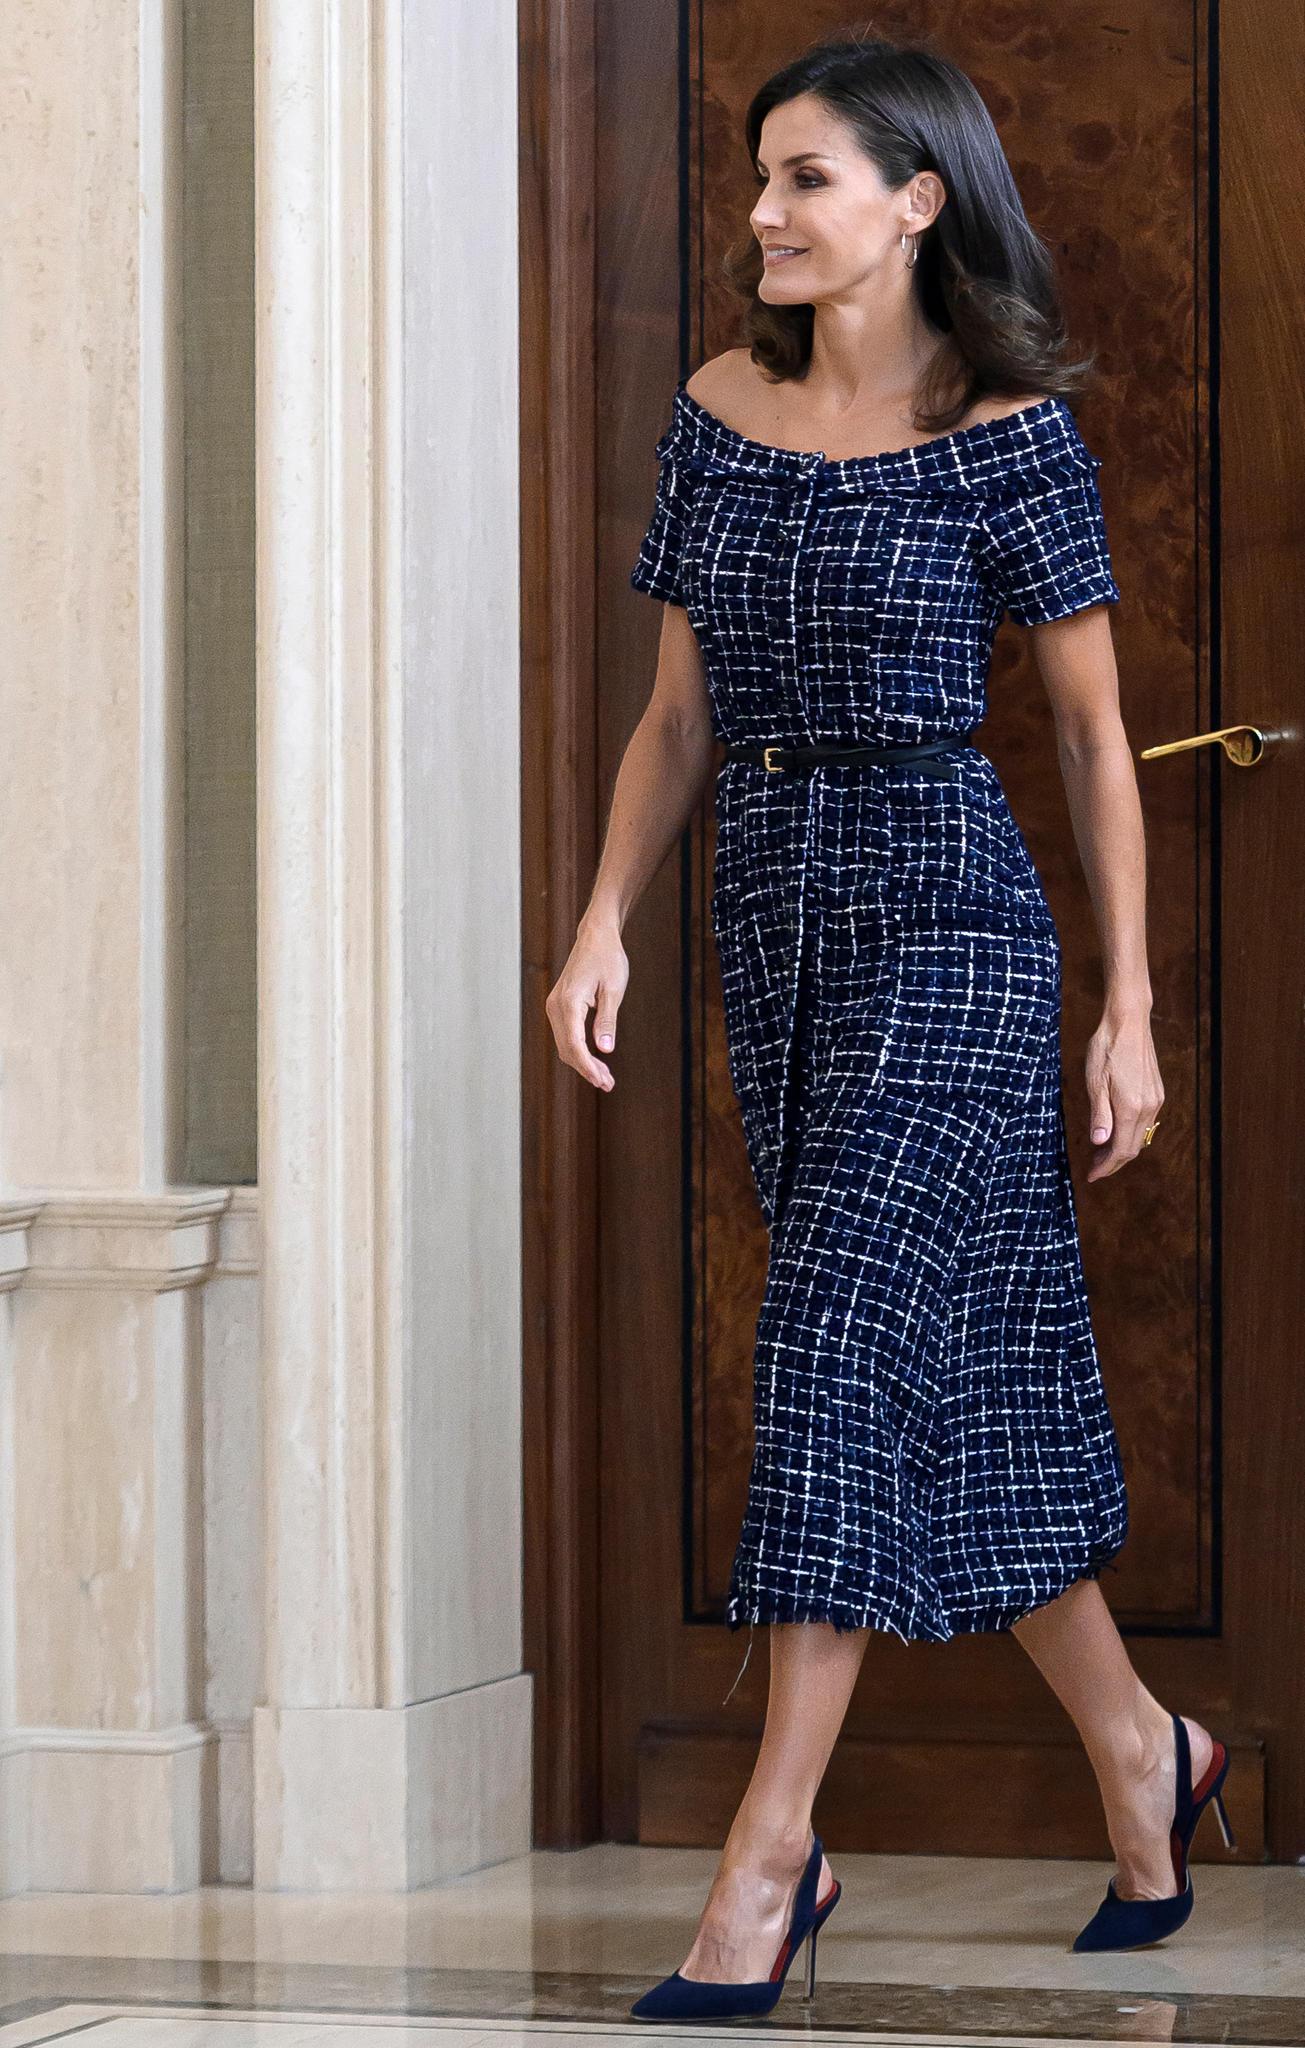 fa73e2ff2e3ac2 Royals, die günstige Kleidung tragen | BRIGITTE.de